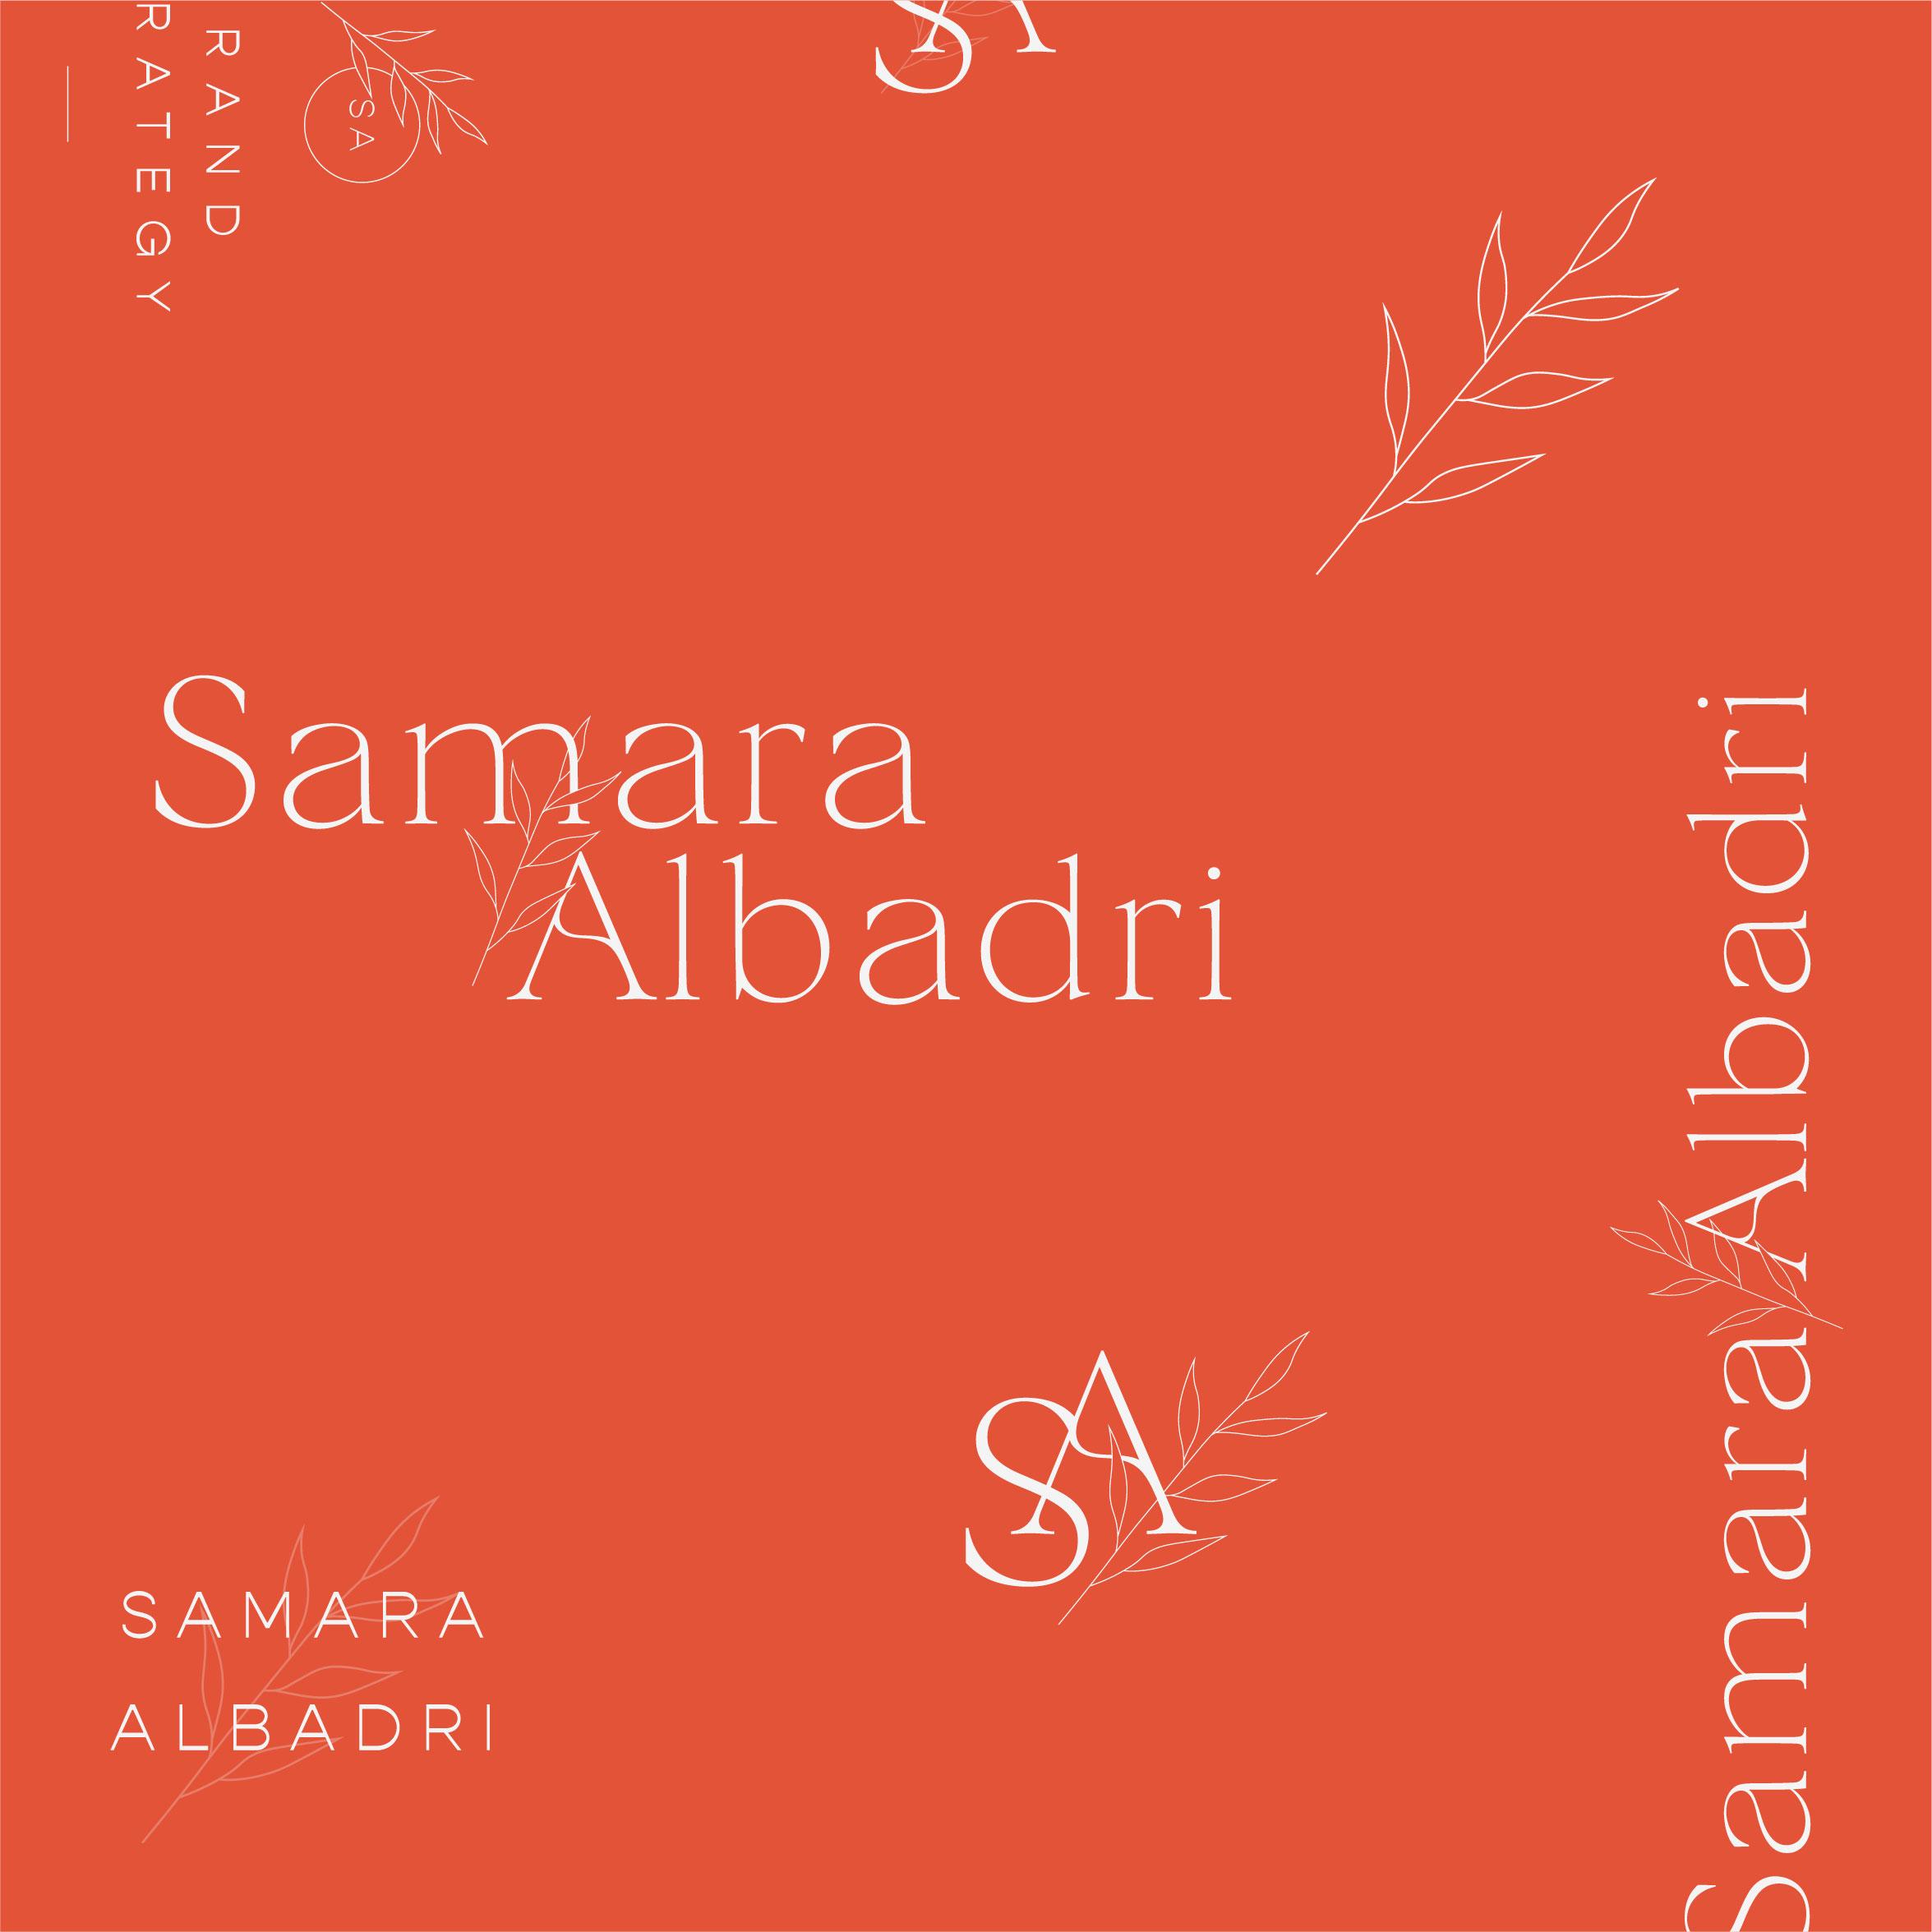 SamaraAlbadri_LaunchGraphic2.jpg